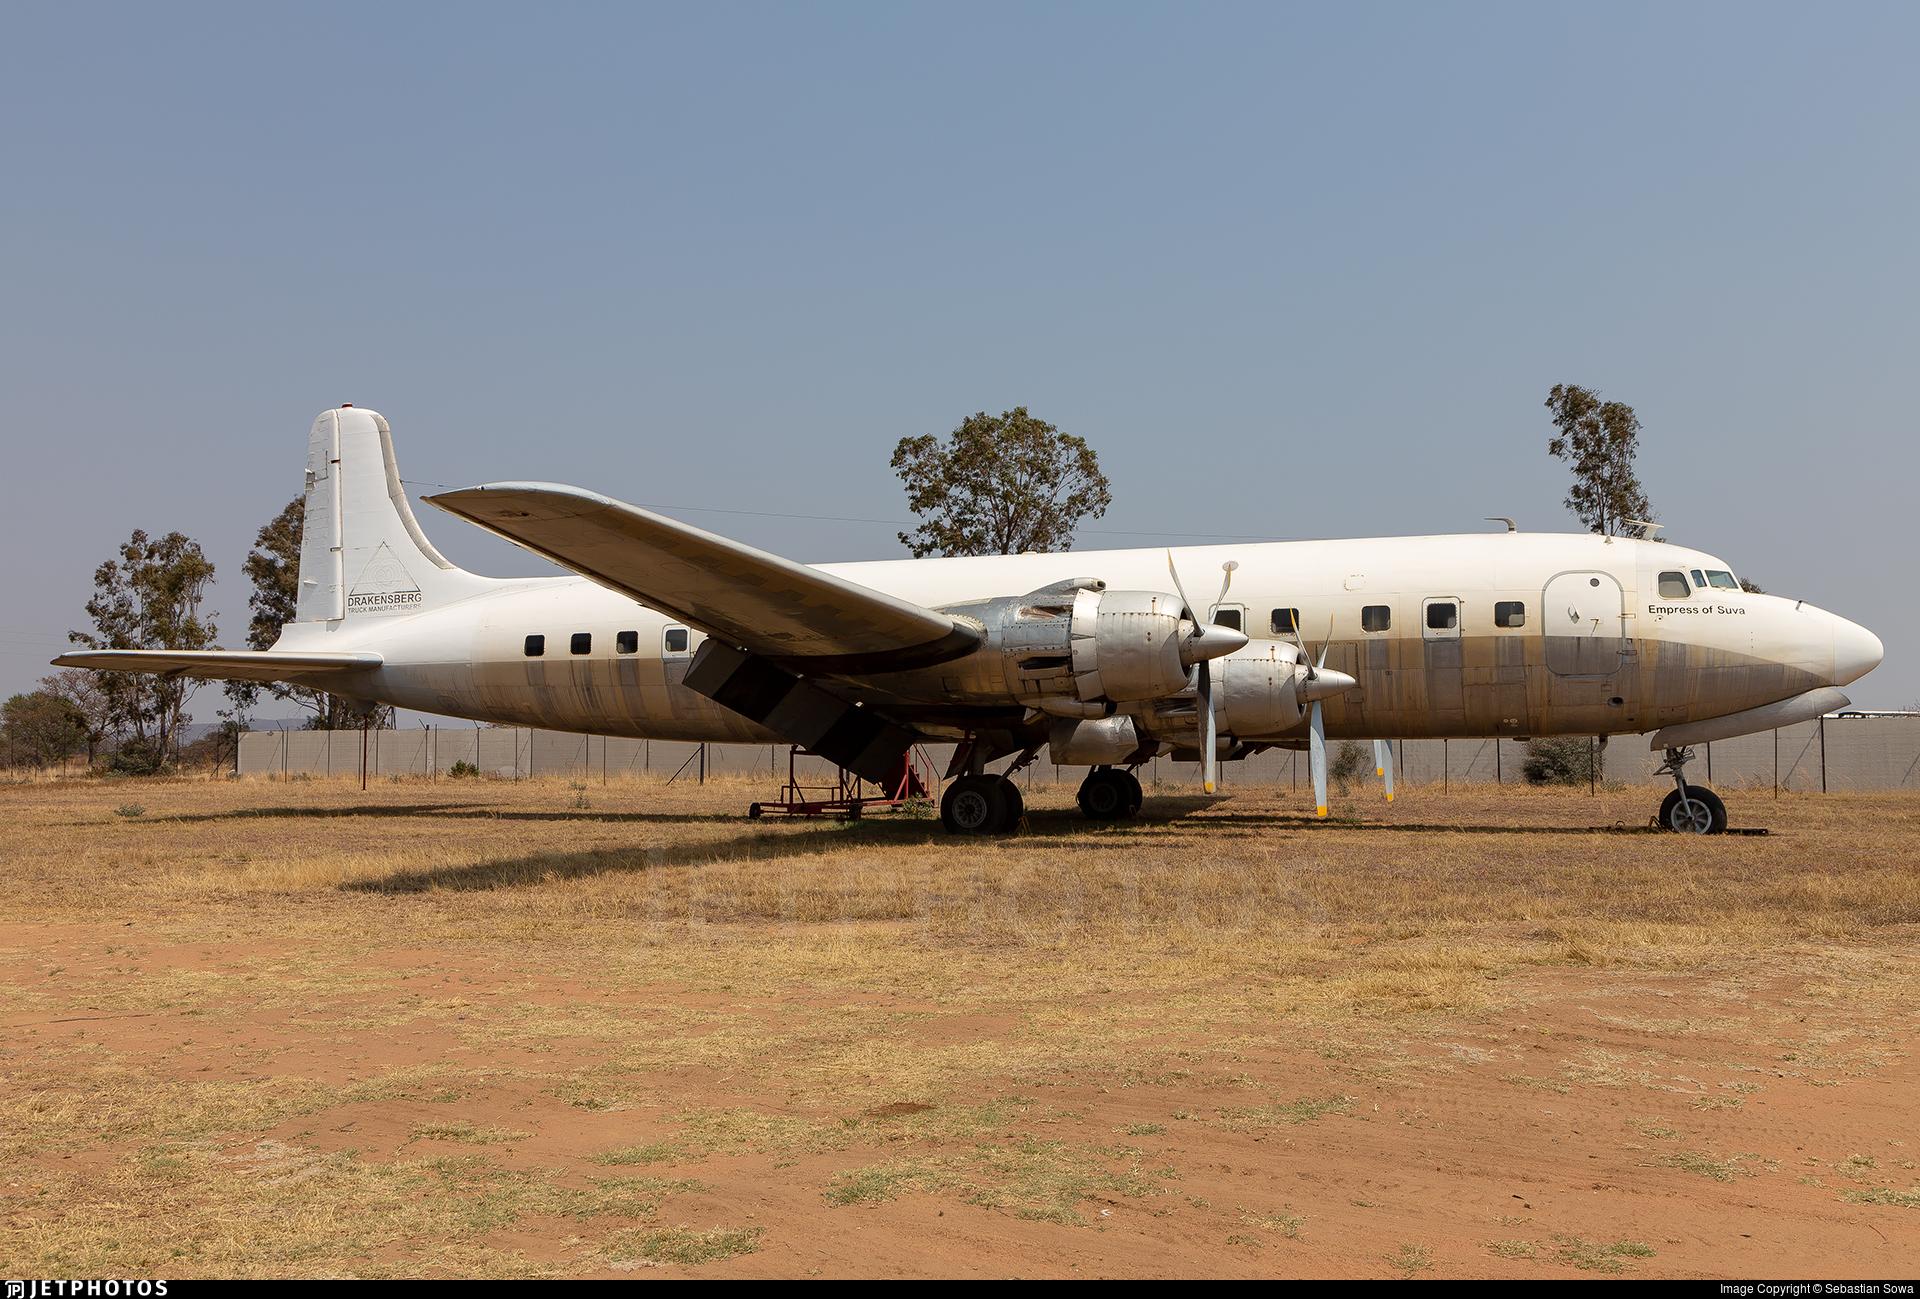 ZS-MUL - Douglas DC-6B - Private